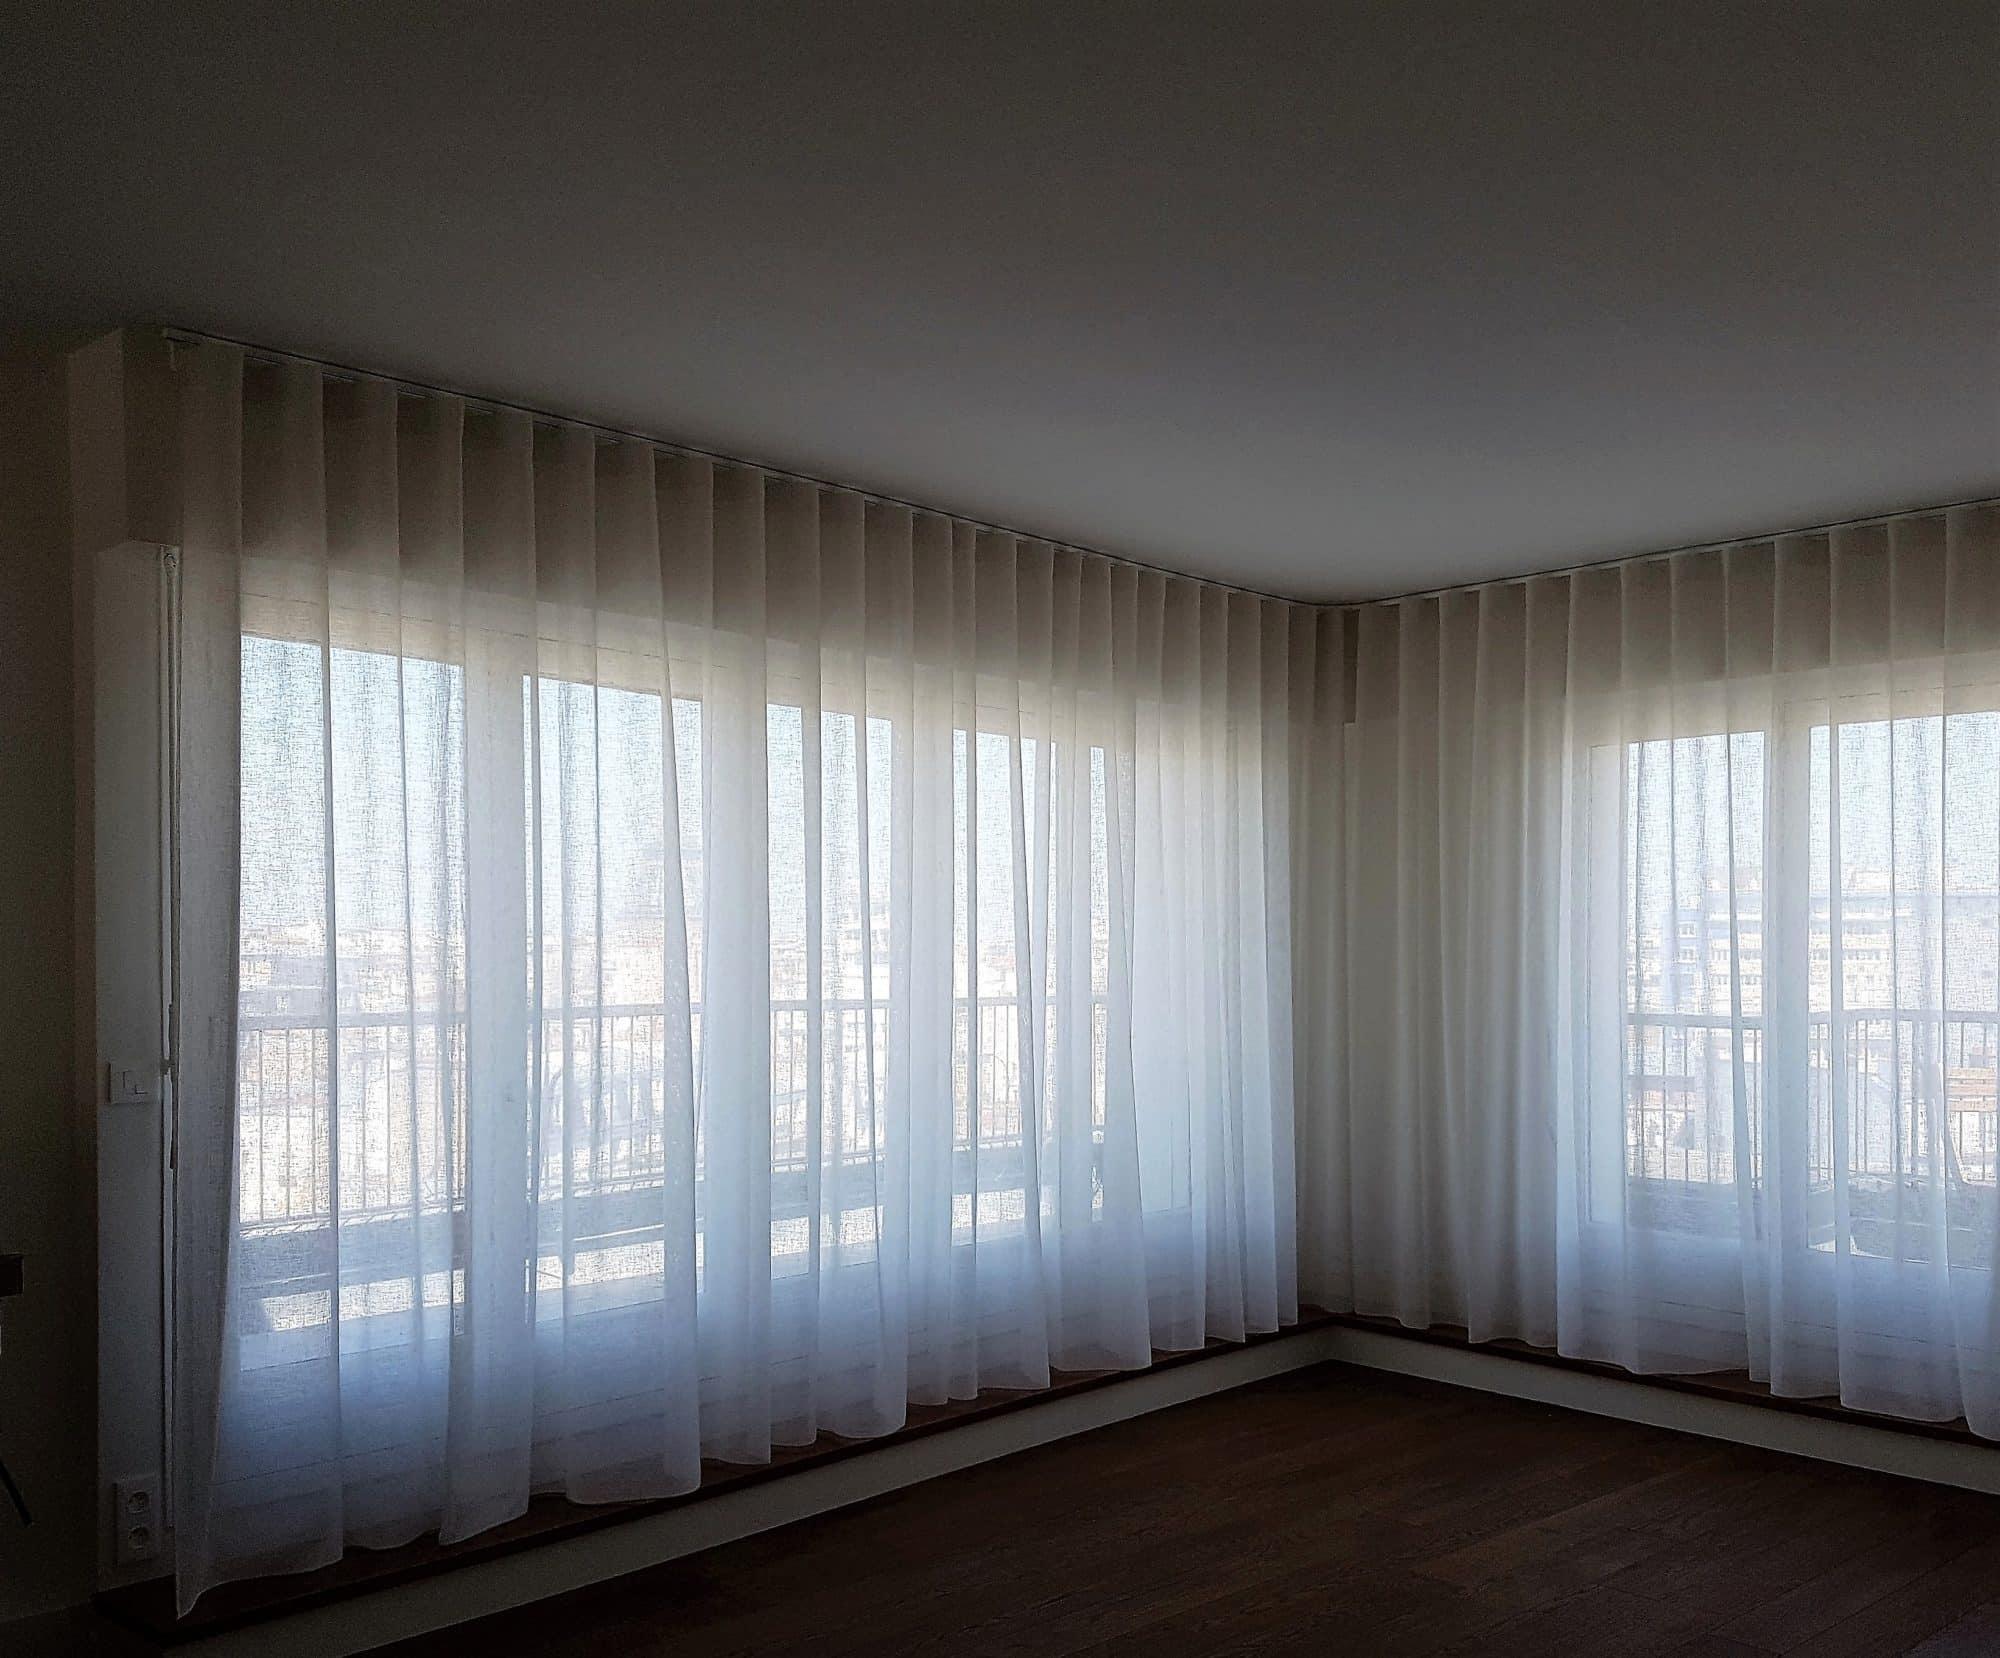 Type De Rideaux Pour Fenetre Cintrees etofea des rails cintrés pour rideaux ou séparations d'espaces